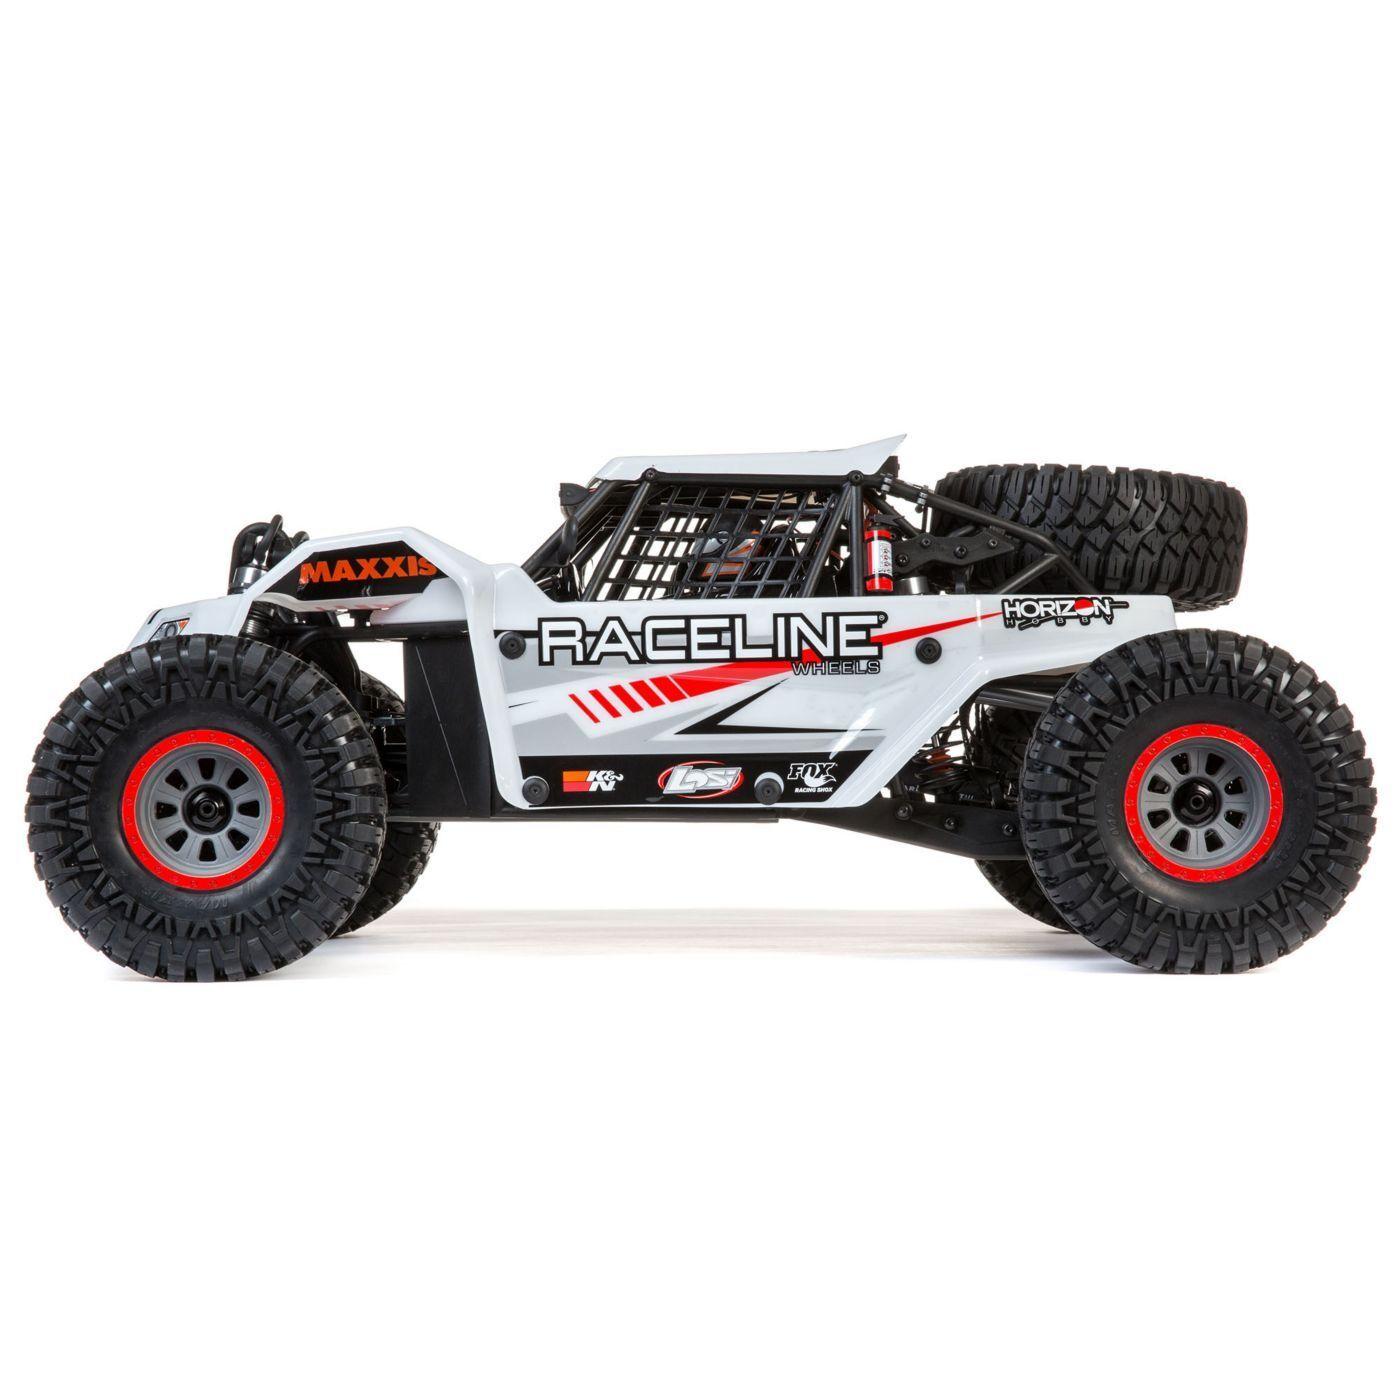 1 6 Super Rock Rey 4WD sin escobillas rocas carreras RTR con AVC, Raceline En Stock blancoo